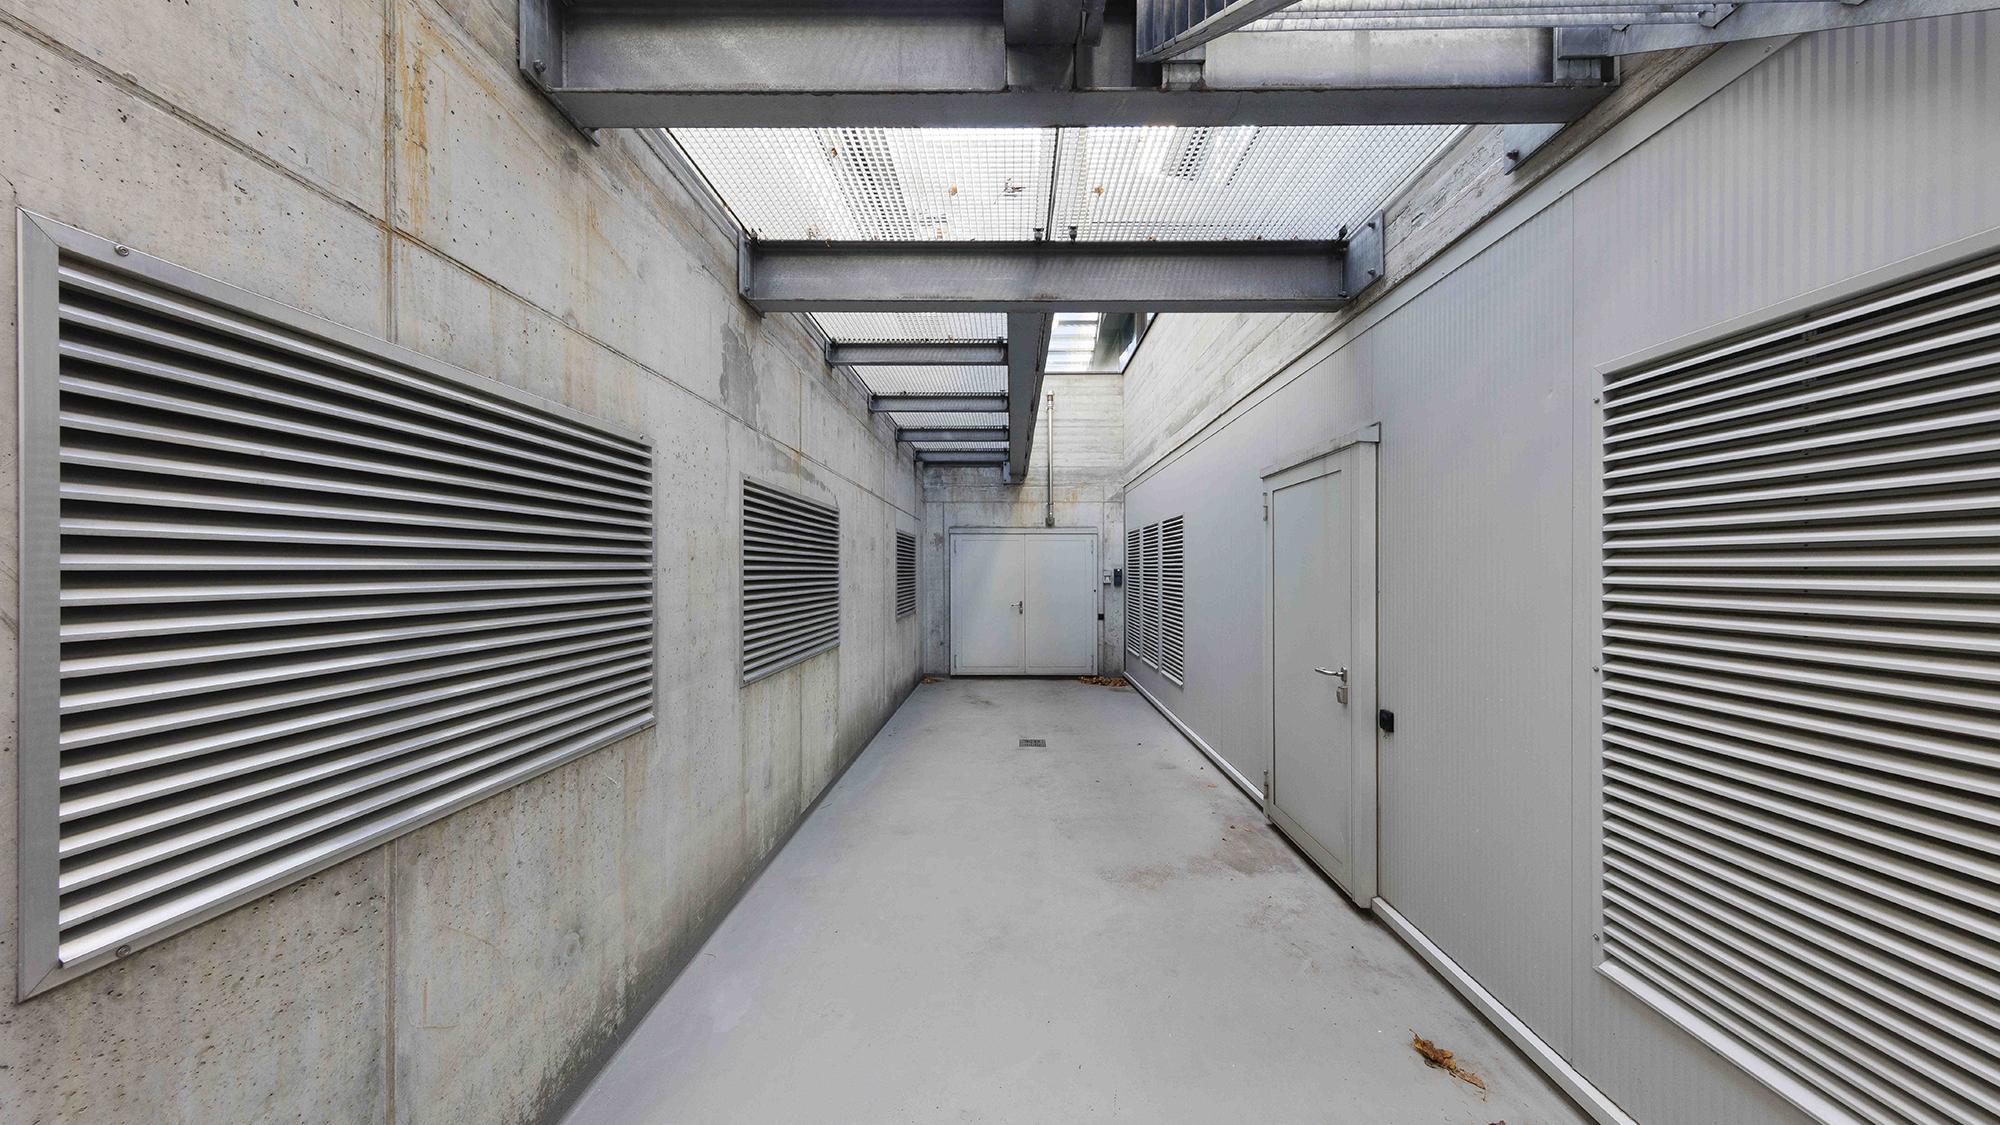 Versteckte Räume an der HSG, Titelfoto vom Öffentlichen Programm